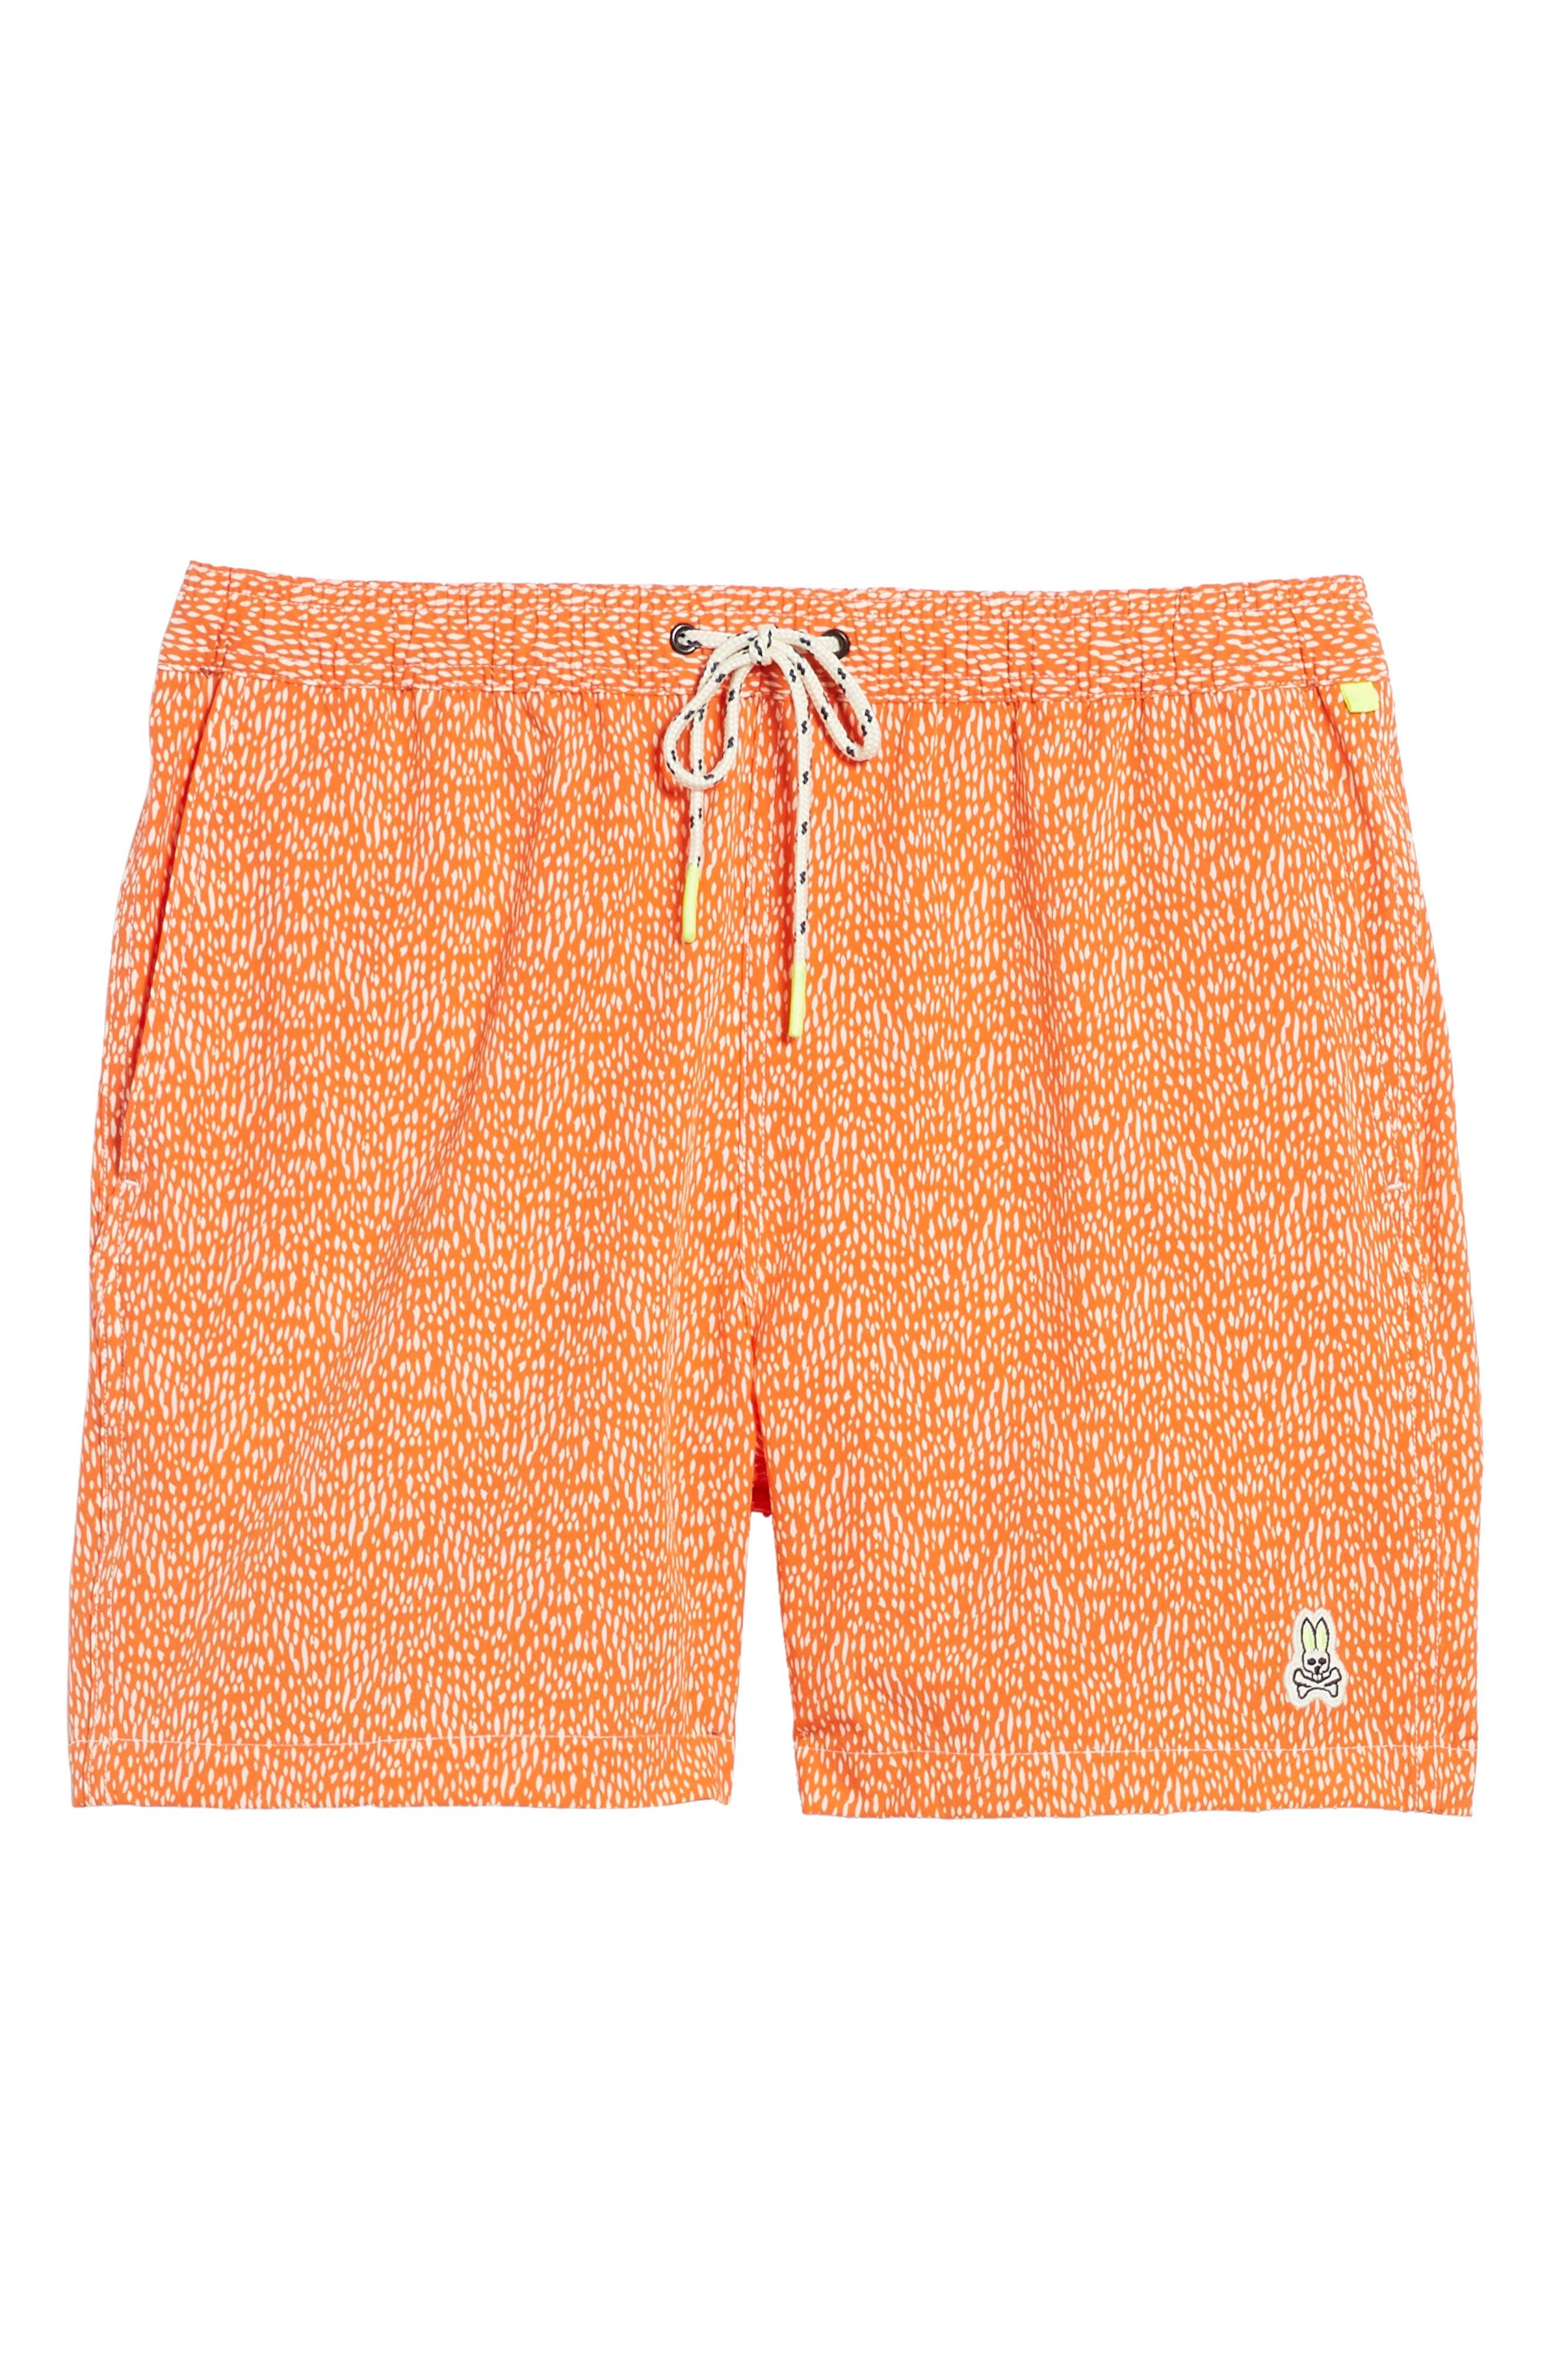 Swim Shorts,                             Alternate thumbnail 6, color,                             Mango